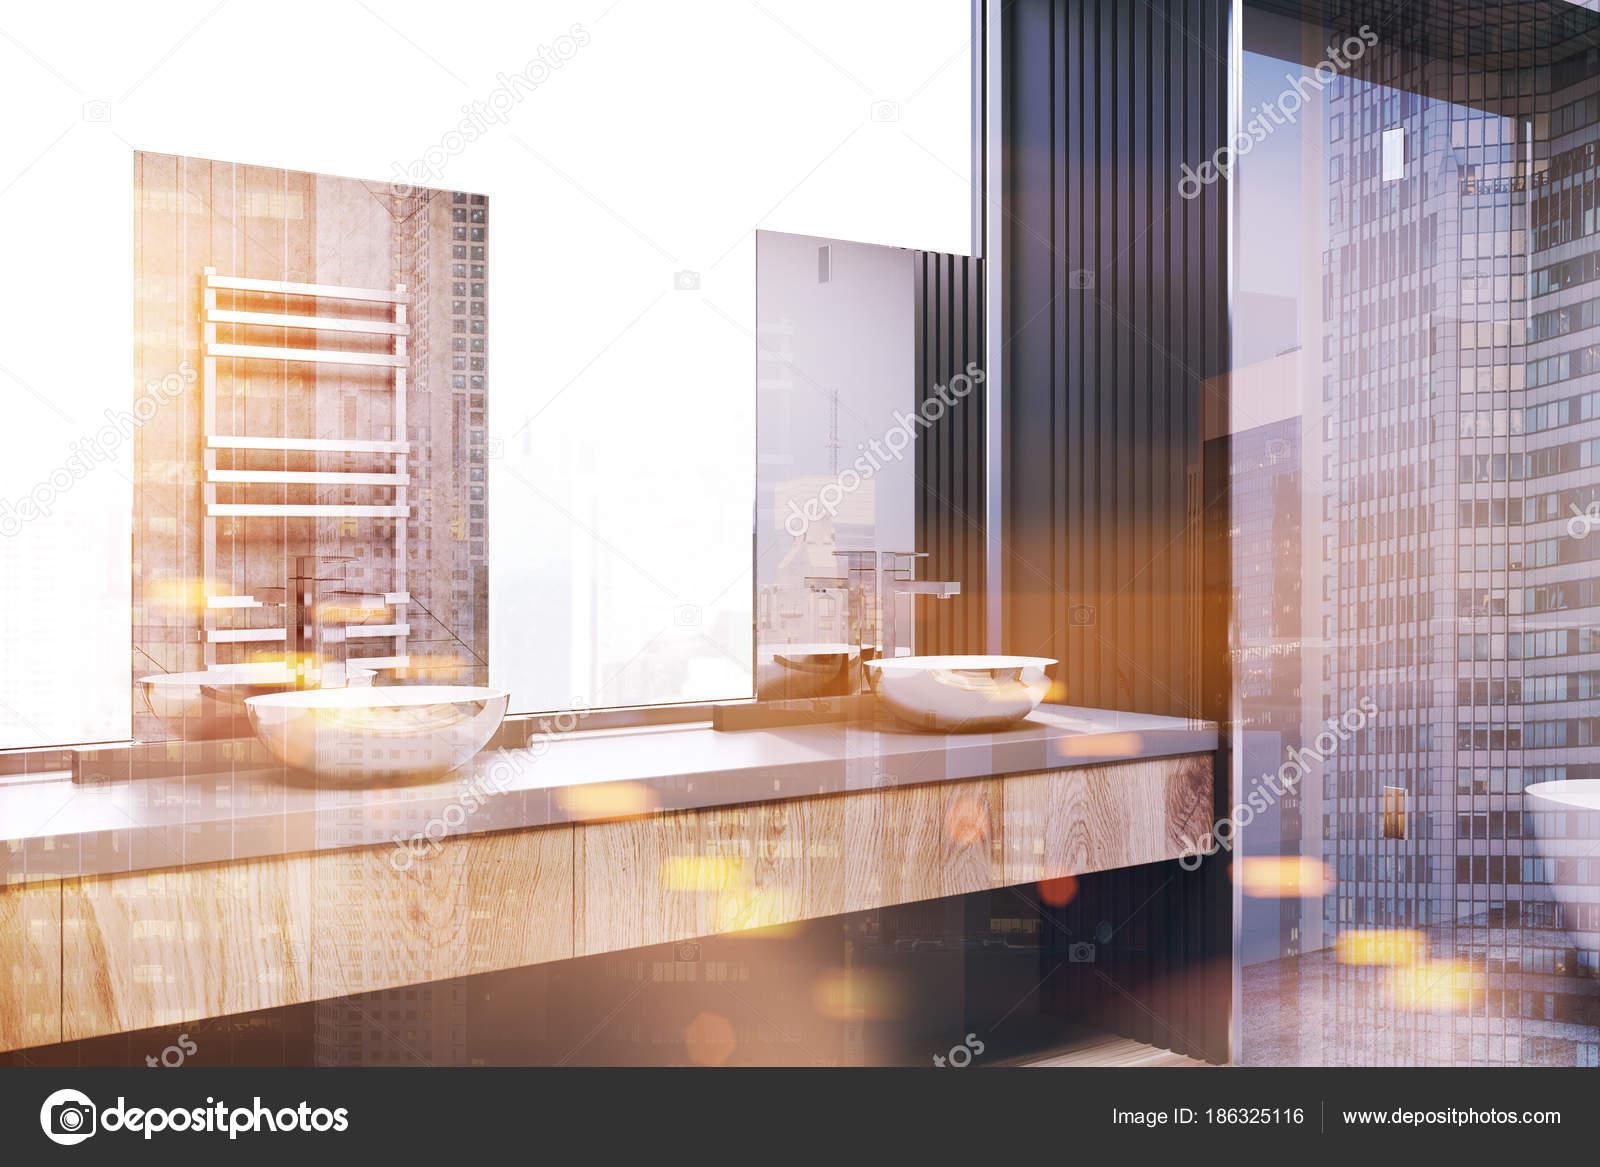 Hoek Wasbak Badkamer : Witte en grijze badkamer hoek dubbele wastafel toned u stockfoto